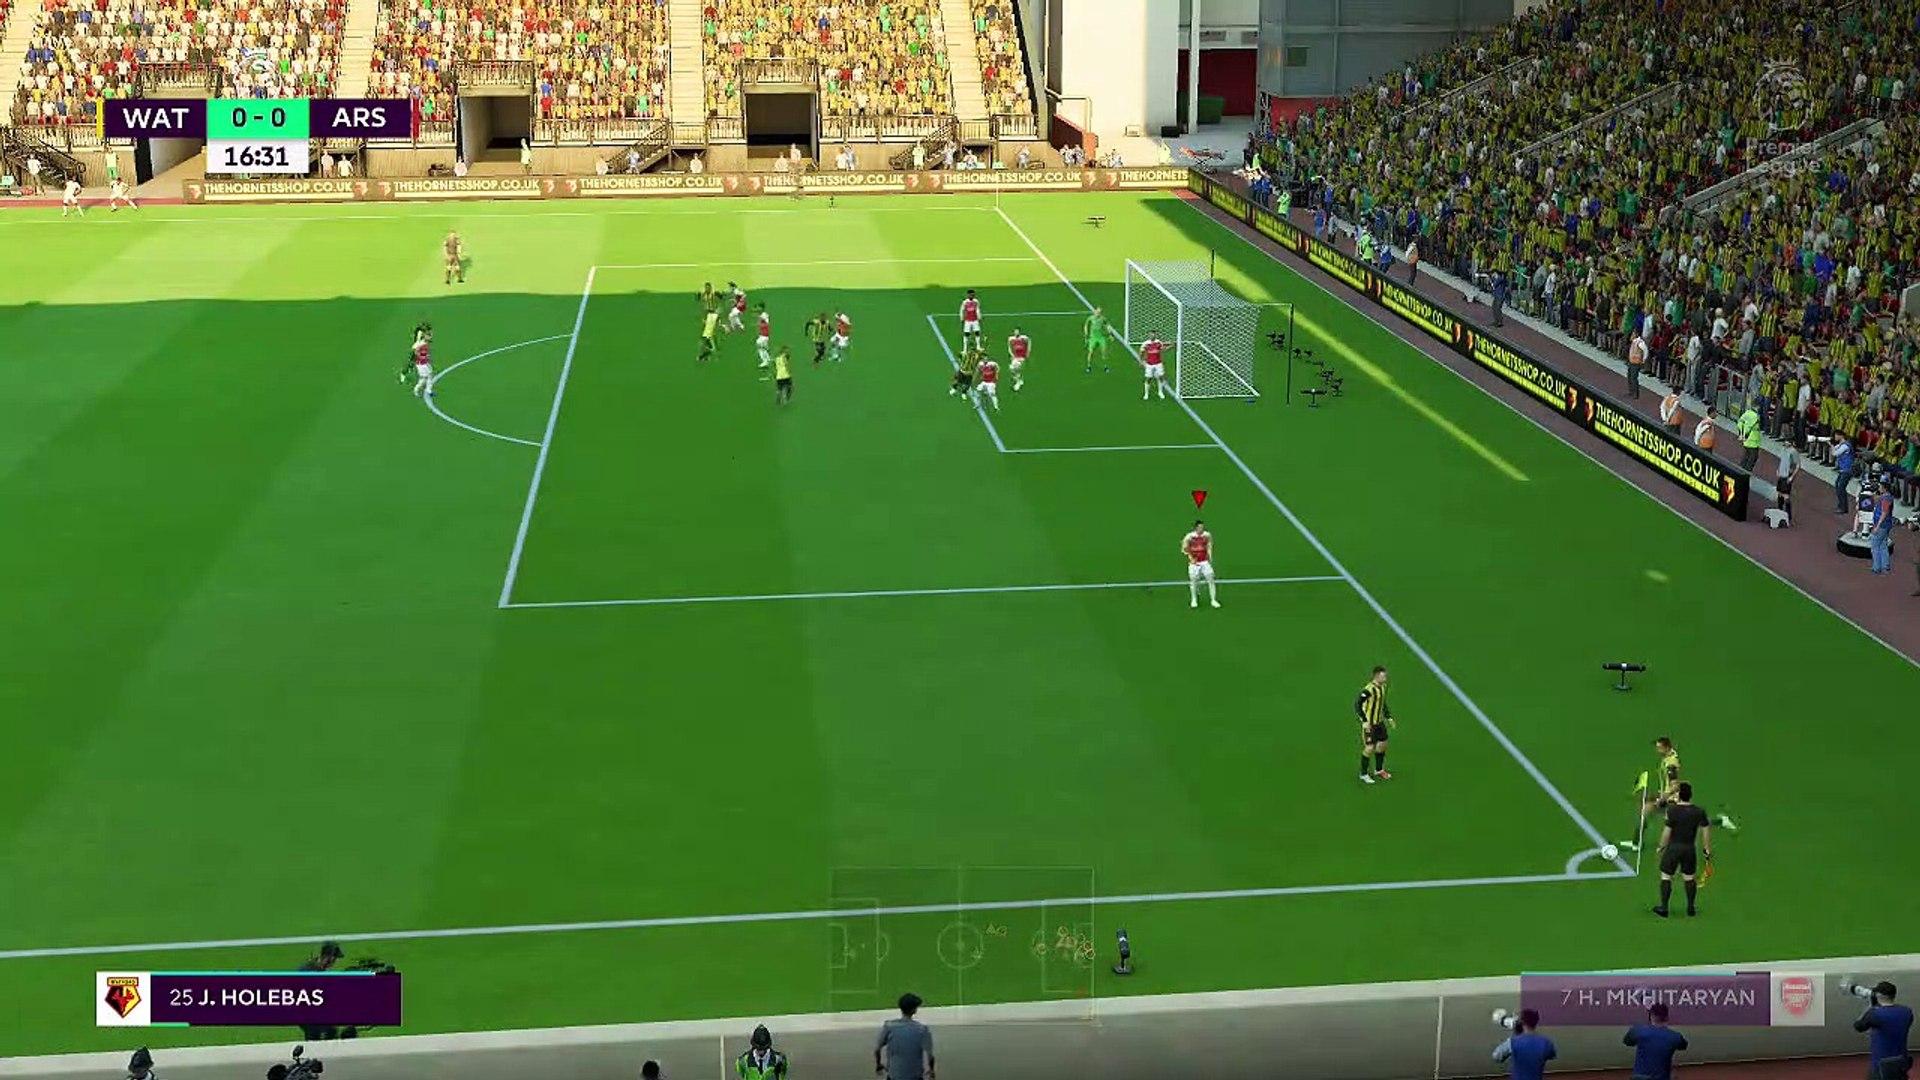 Link Xem Trực Tiếp Watford vs Arsenal – Bóng Đá Anh Vòng 5